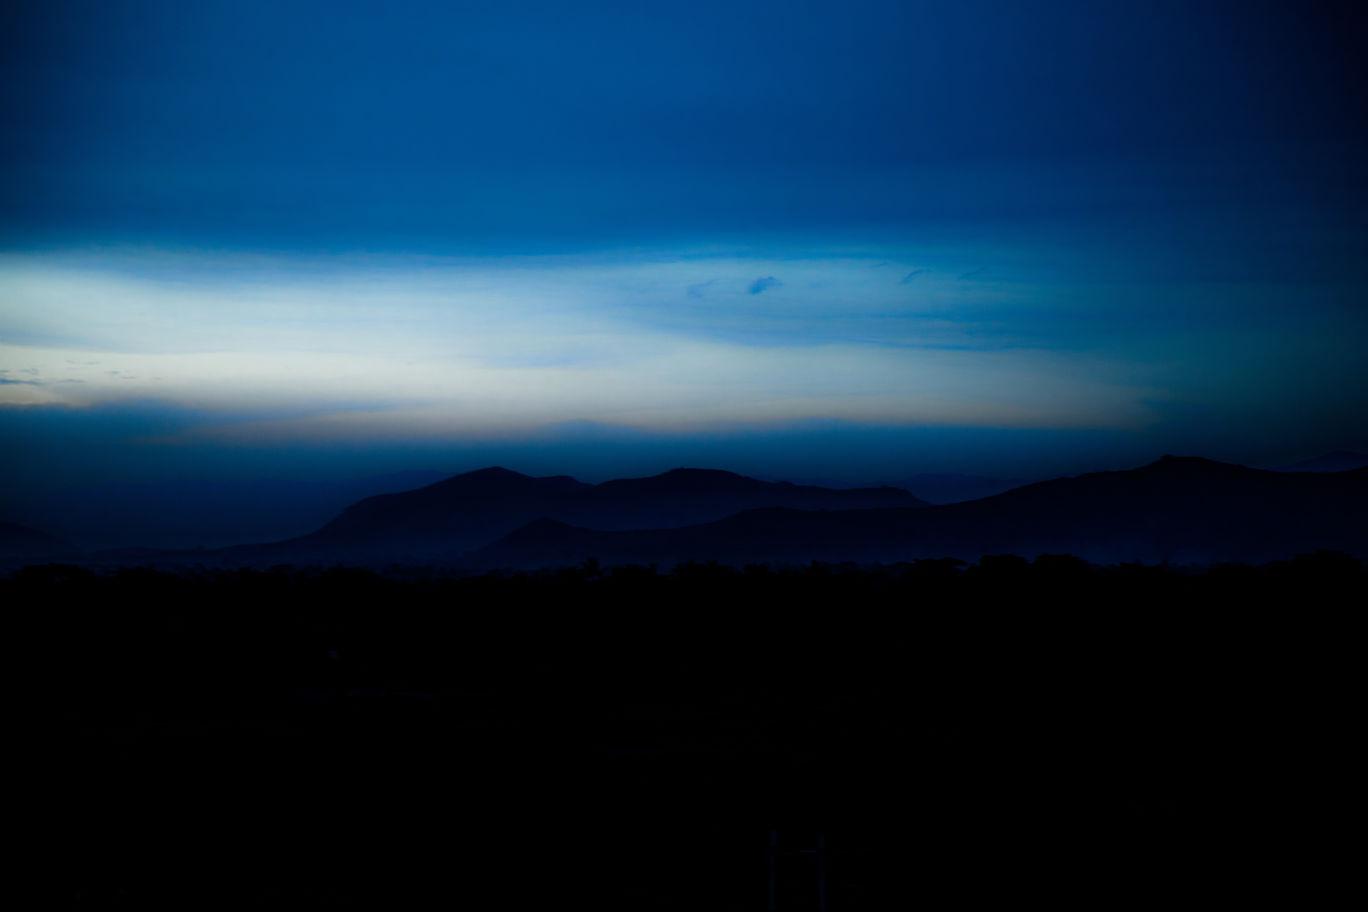 Photo of Bandipur National Park By Ňëěhåł Ķąśhýåp